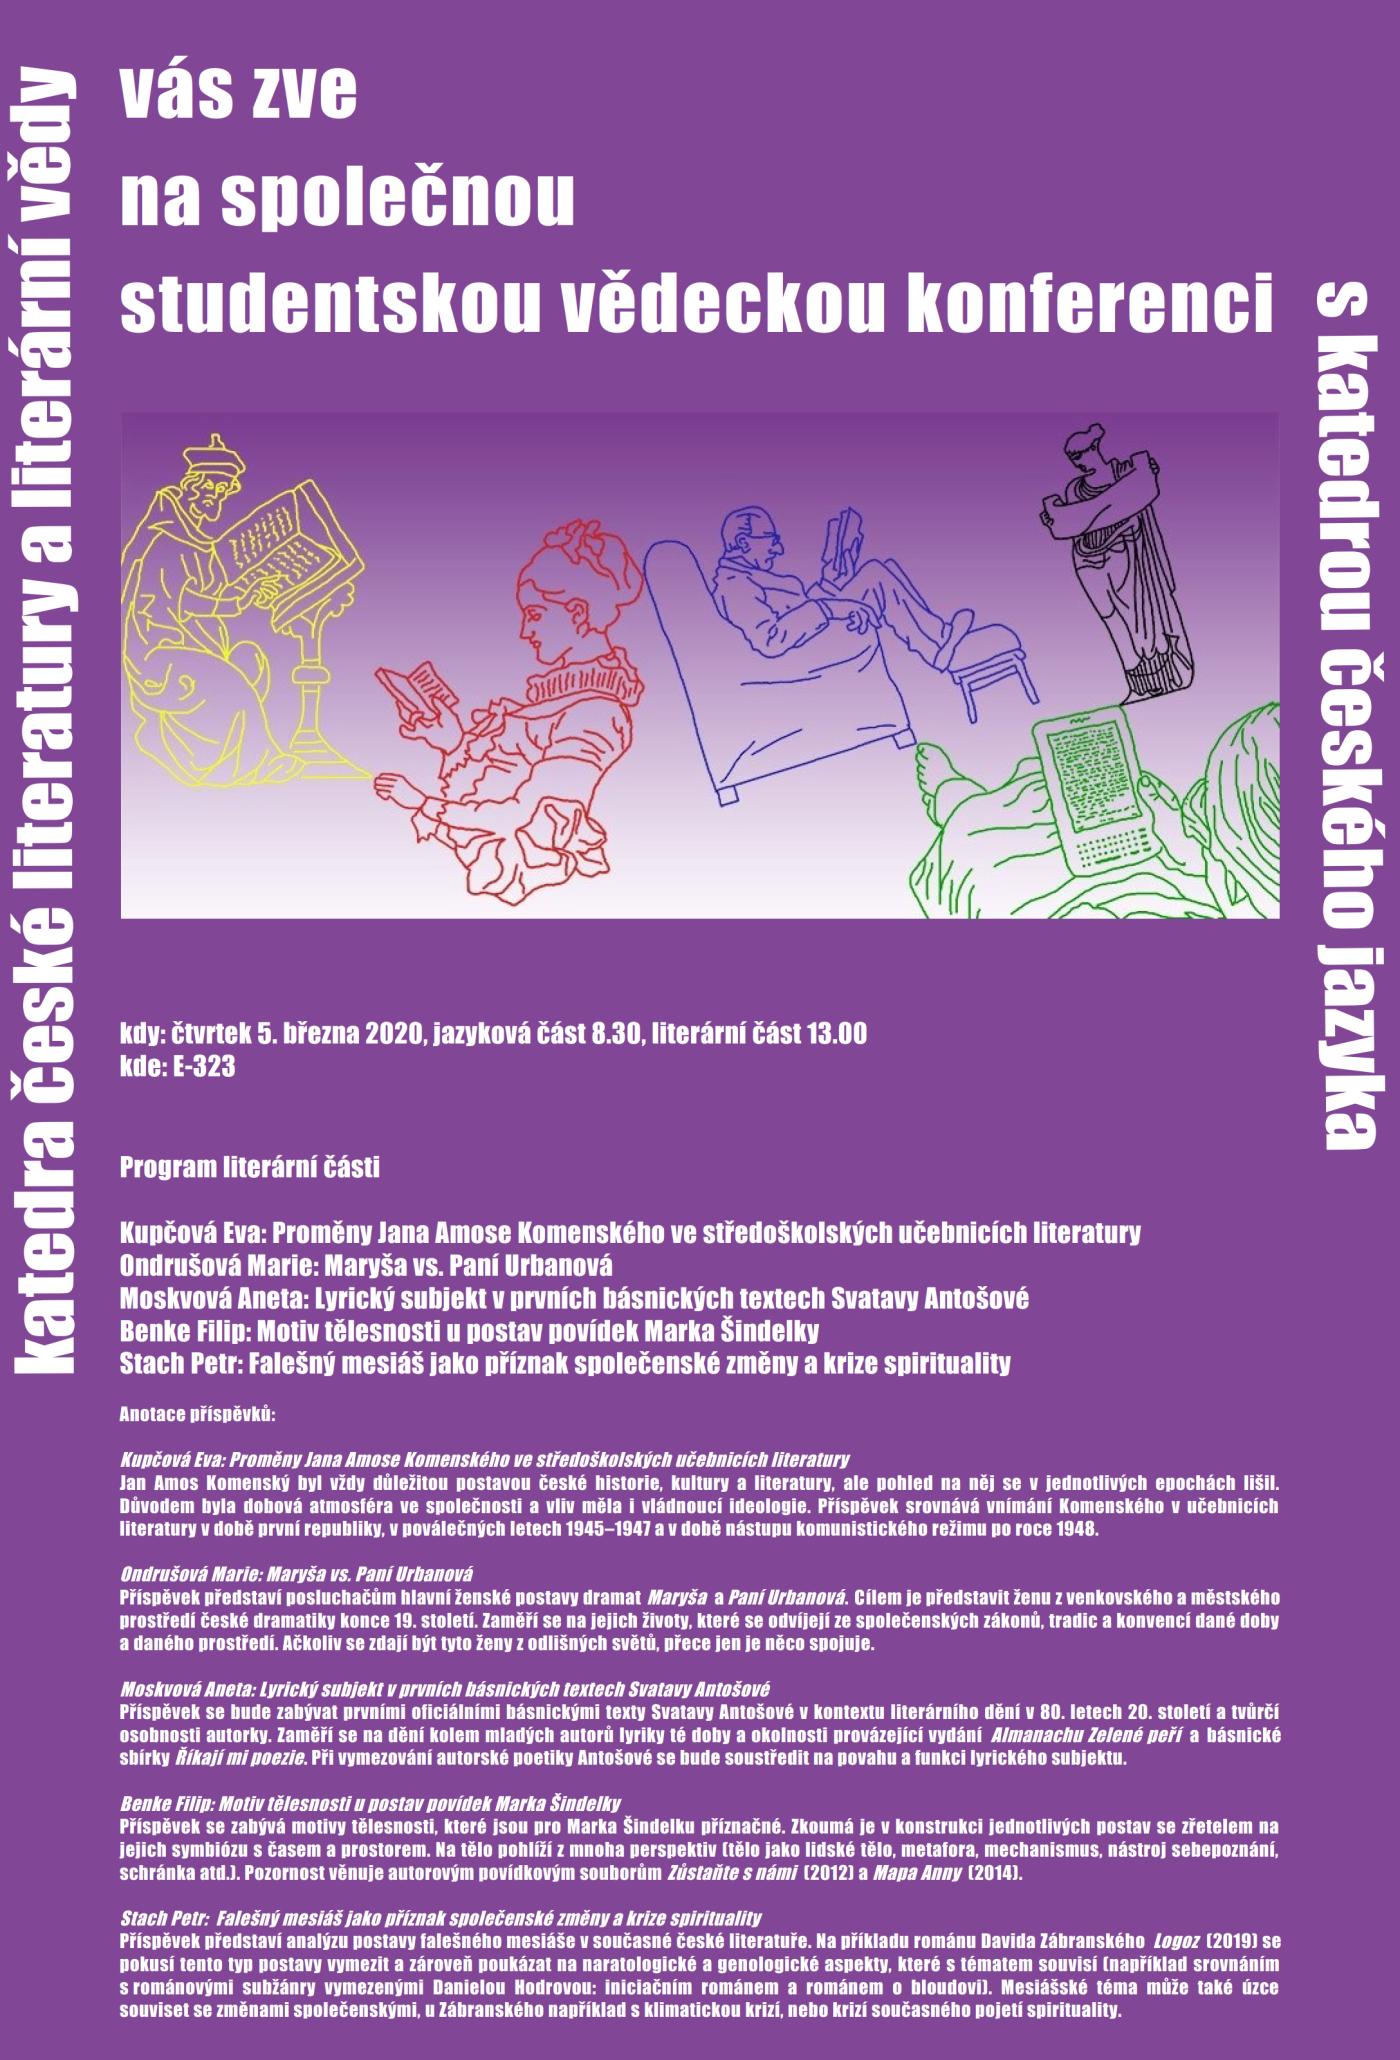 Studentská vědecká konference KCL aKCJ 2020, část literární